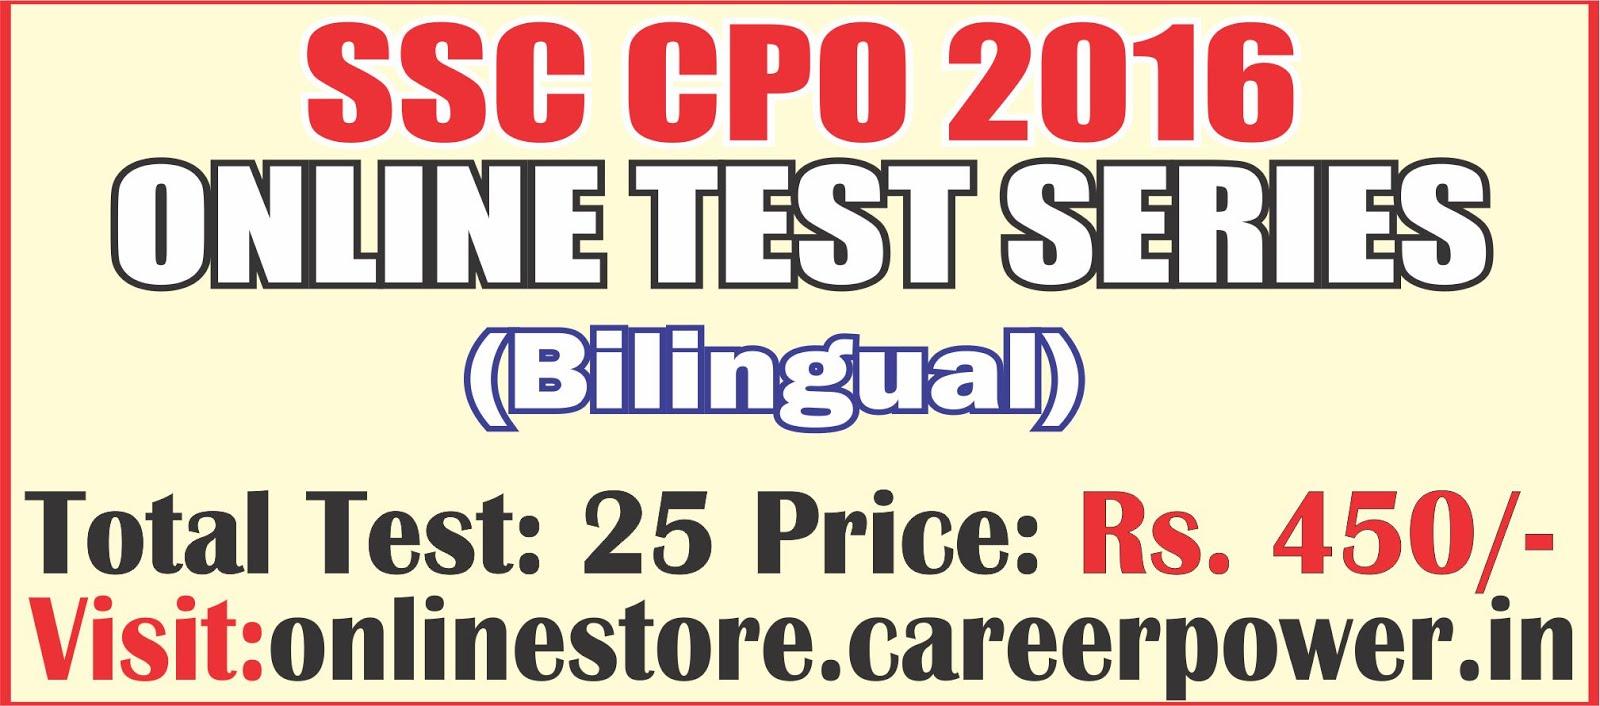 SSC CPO 2016 ONLINE TEST SERIES